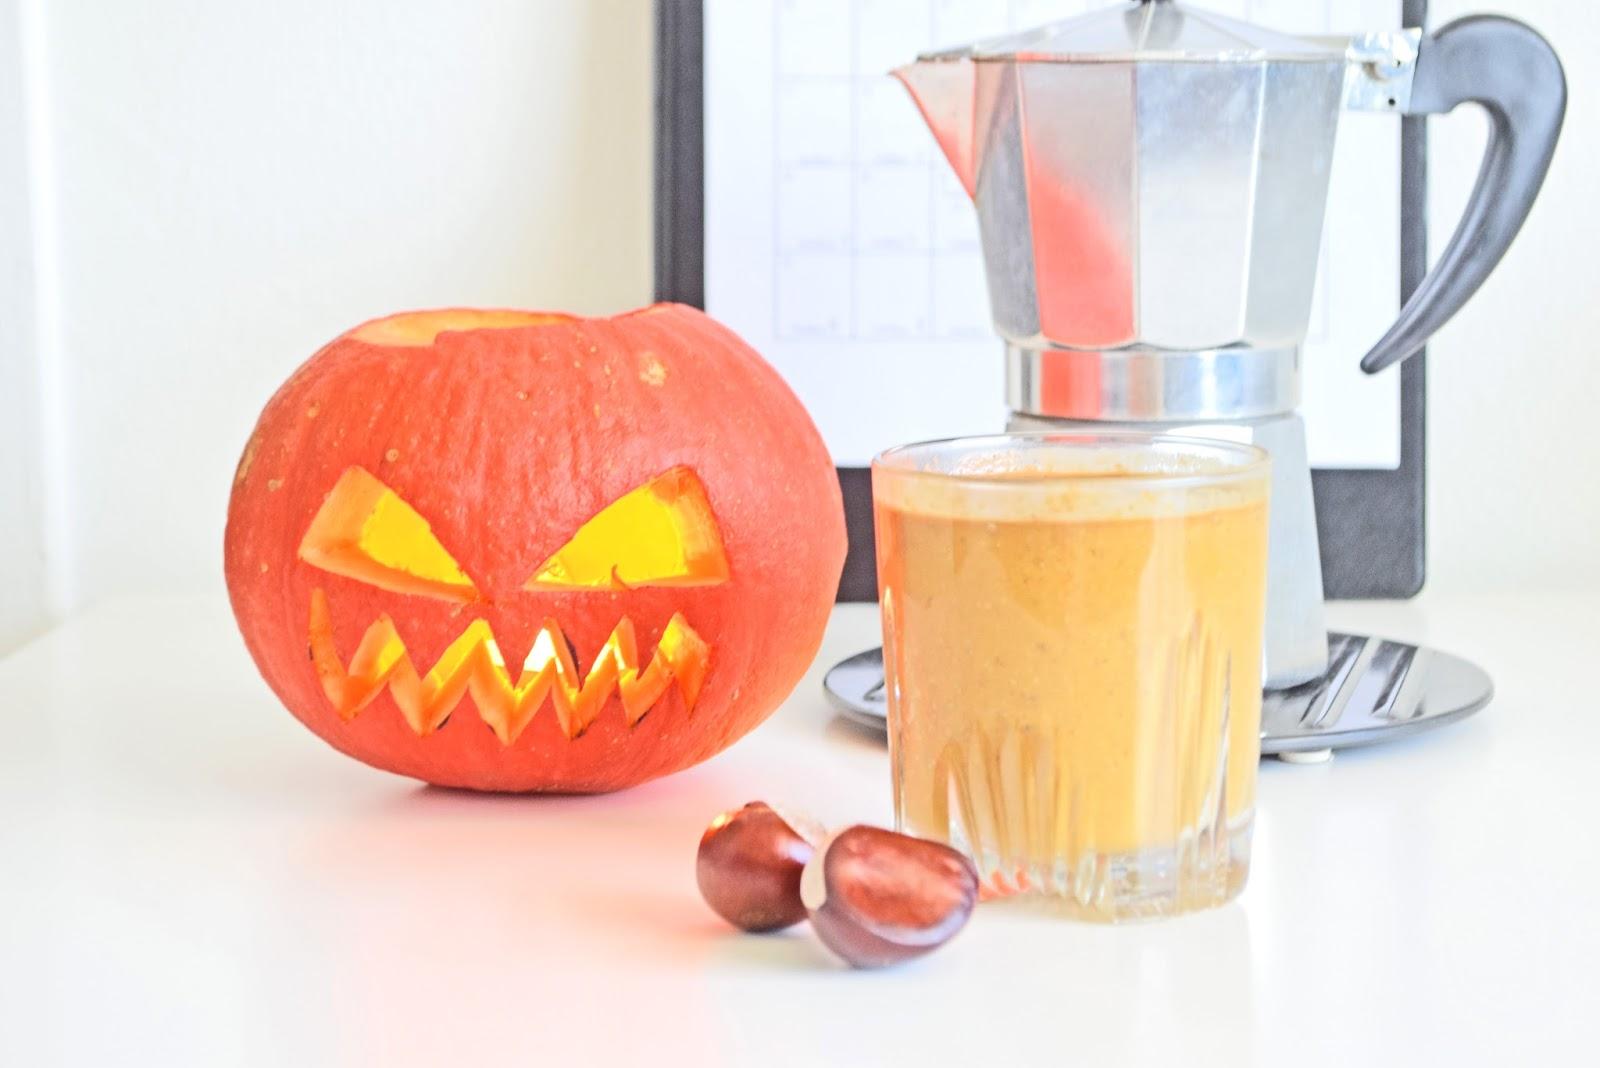 Pumpkin Coffee Latte & dessert with pumpkin and banana